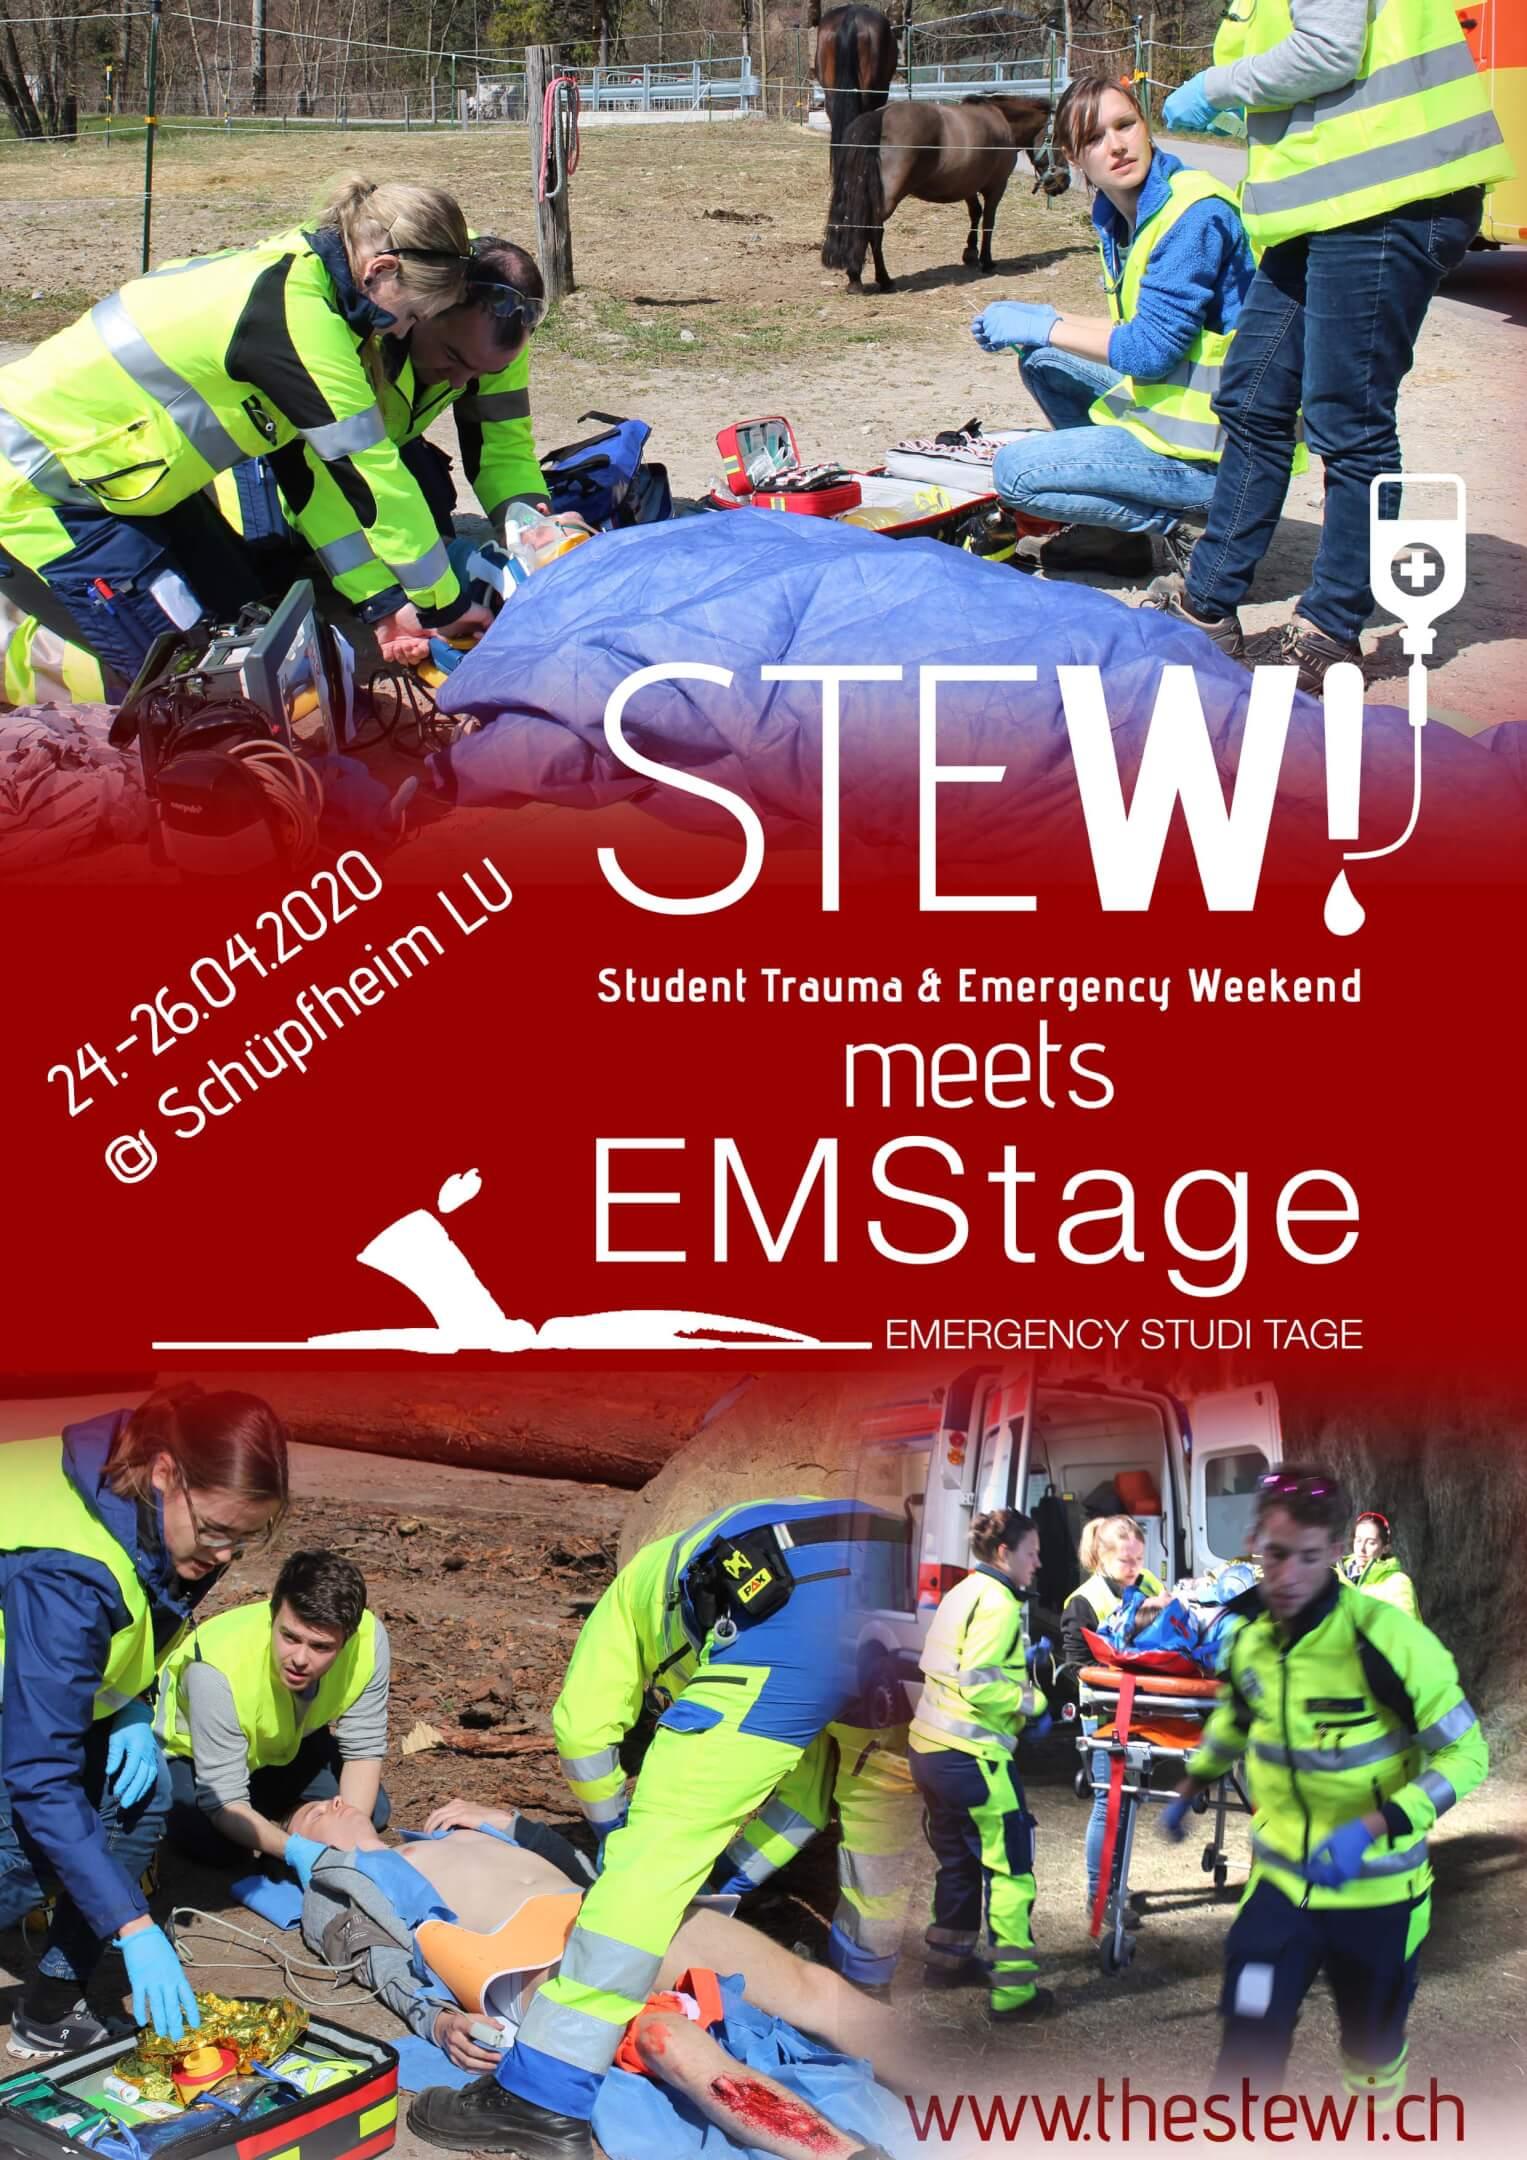 stewi-emstage-flyer-2020